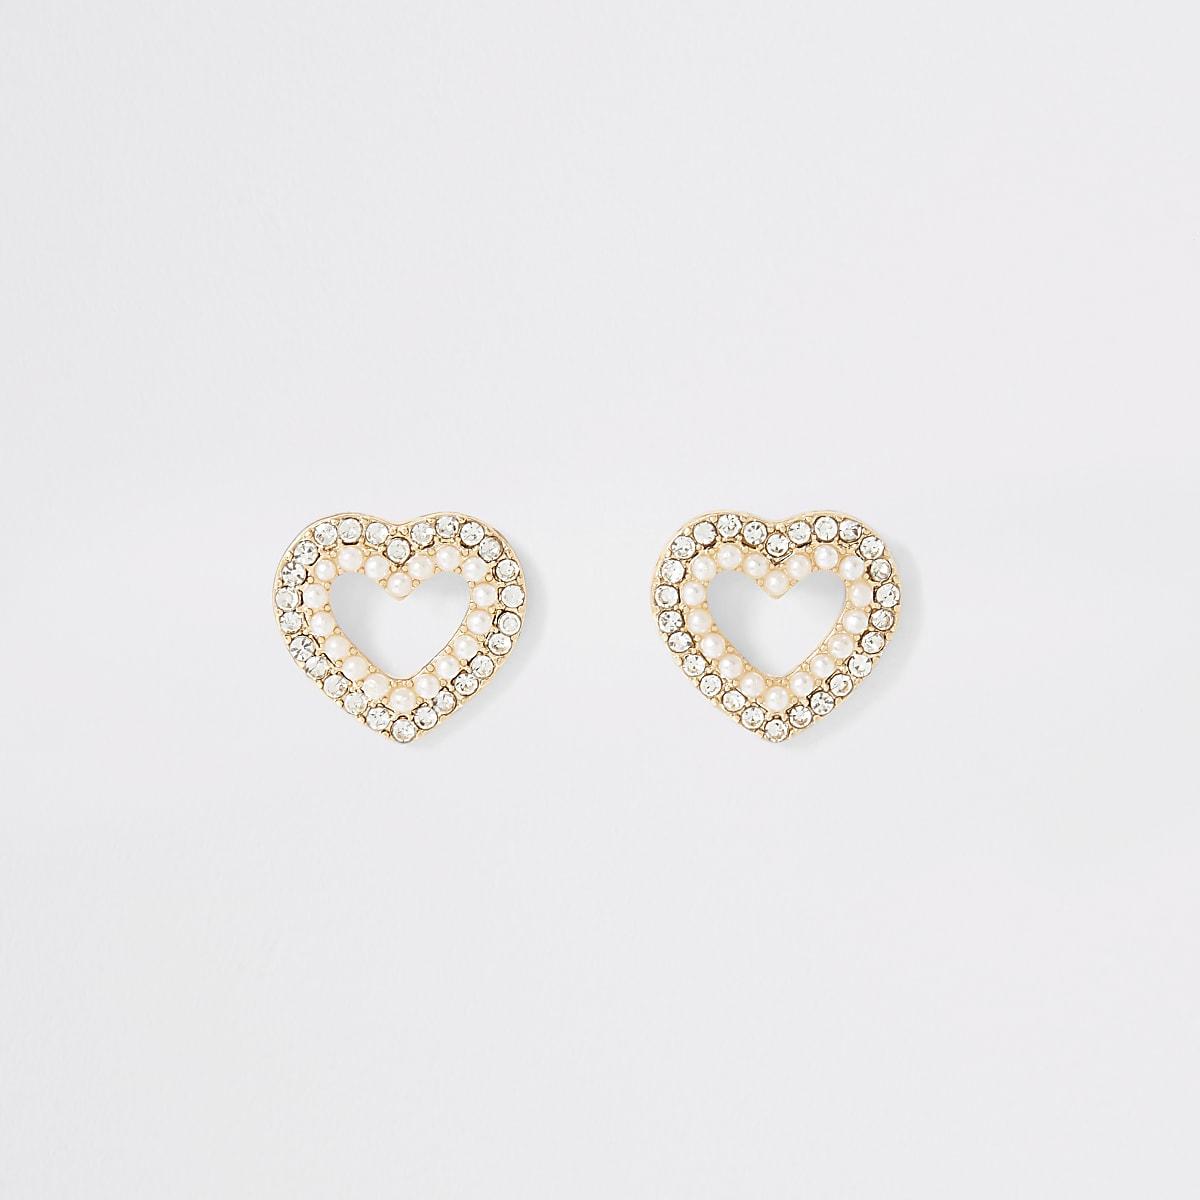 Goudkleurige hartoorbellen met siersteentjes en parels